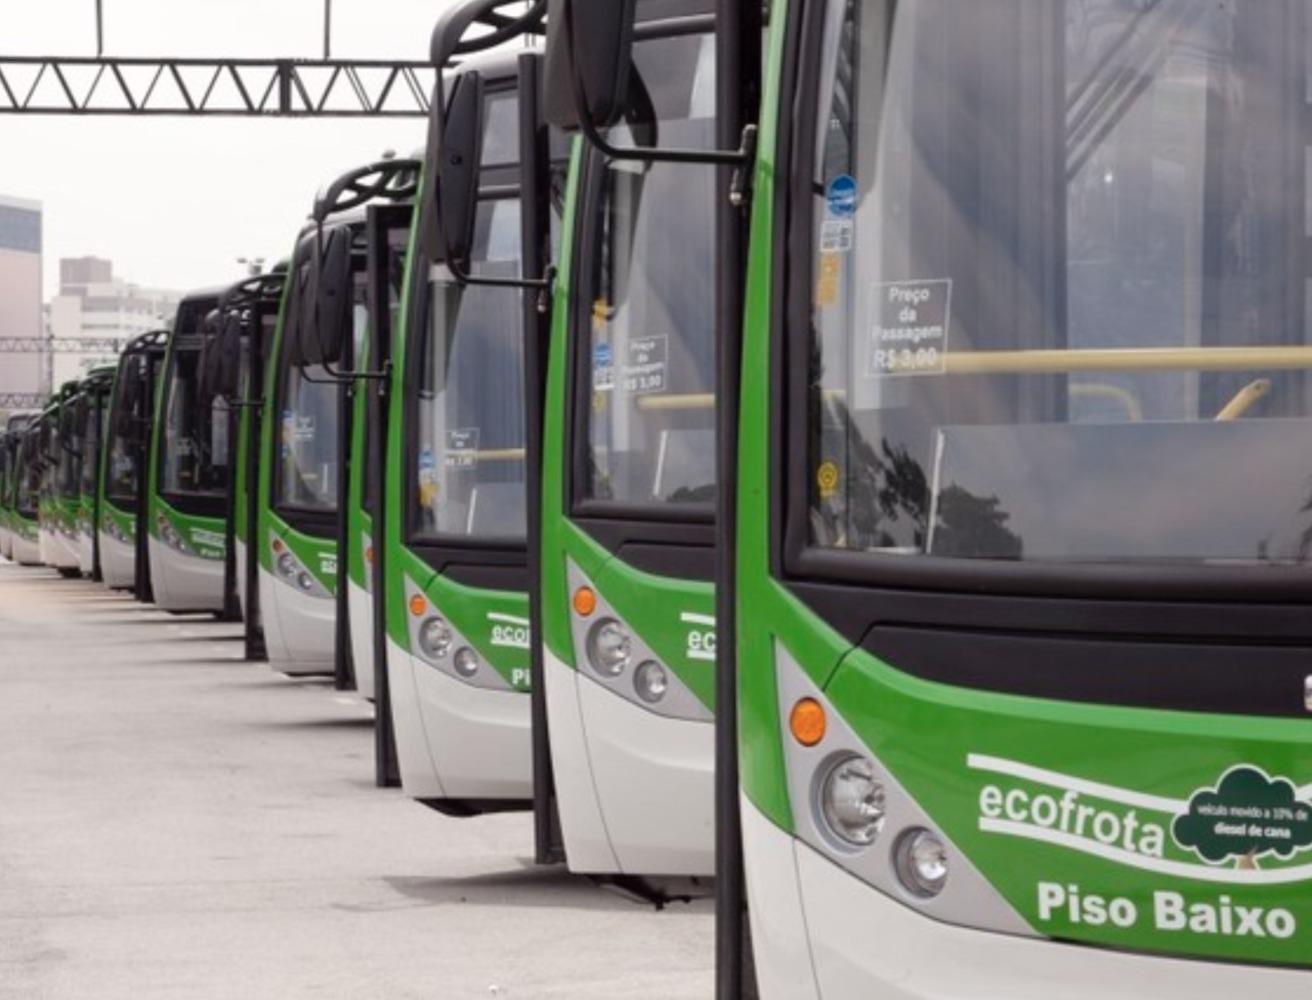 dianteira de ônibus que compõe a ecofrota de ônibus de são paulo